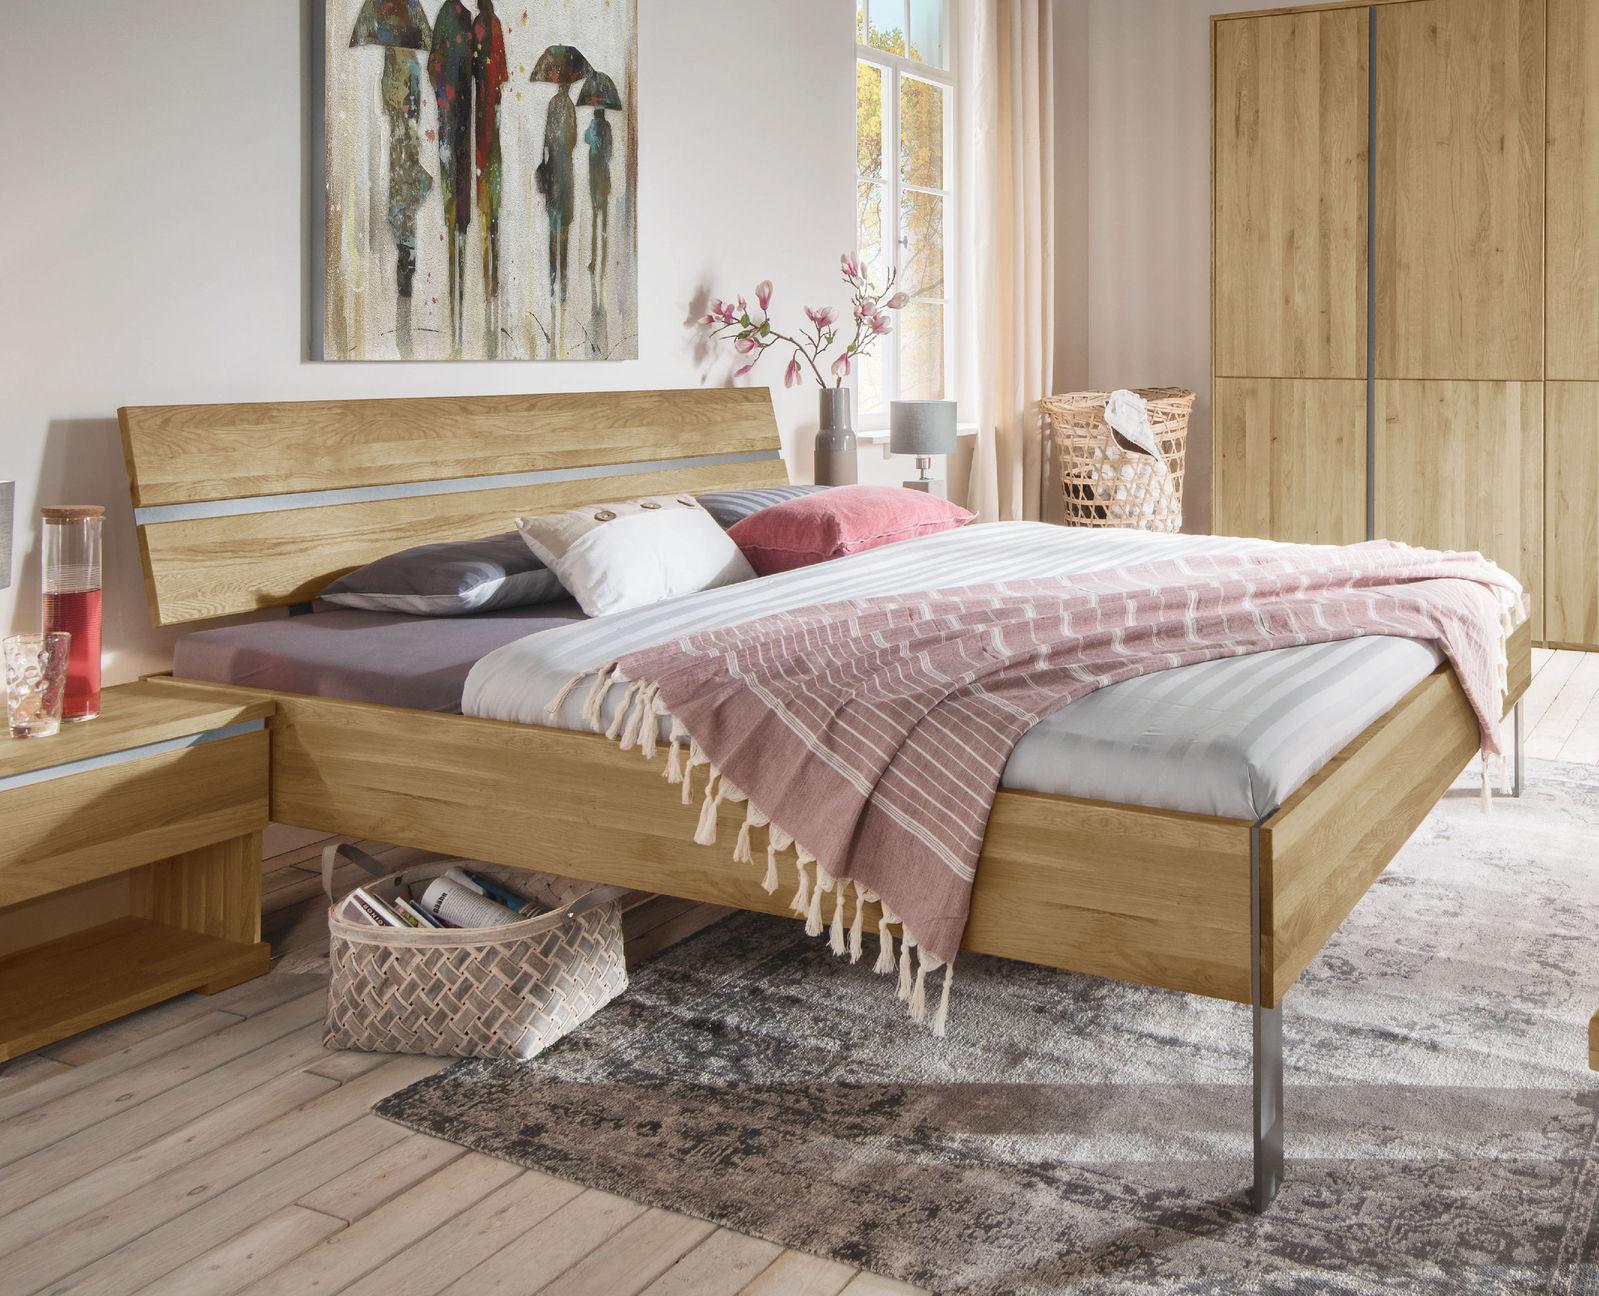 moderne betten aus holz great moderne betten aus holz with moderne betten aus holz great. Black Bedroom Furniture Sets. Home Design Ideas